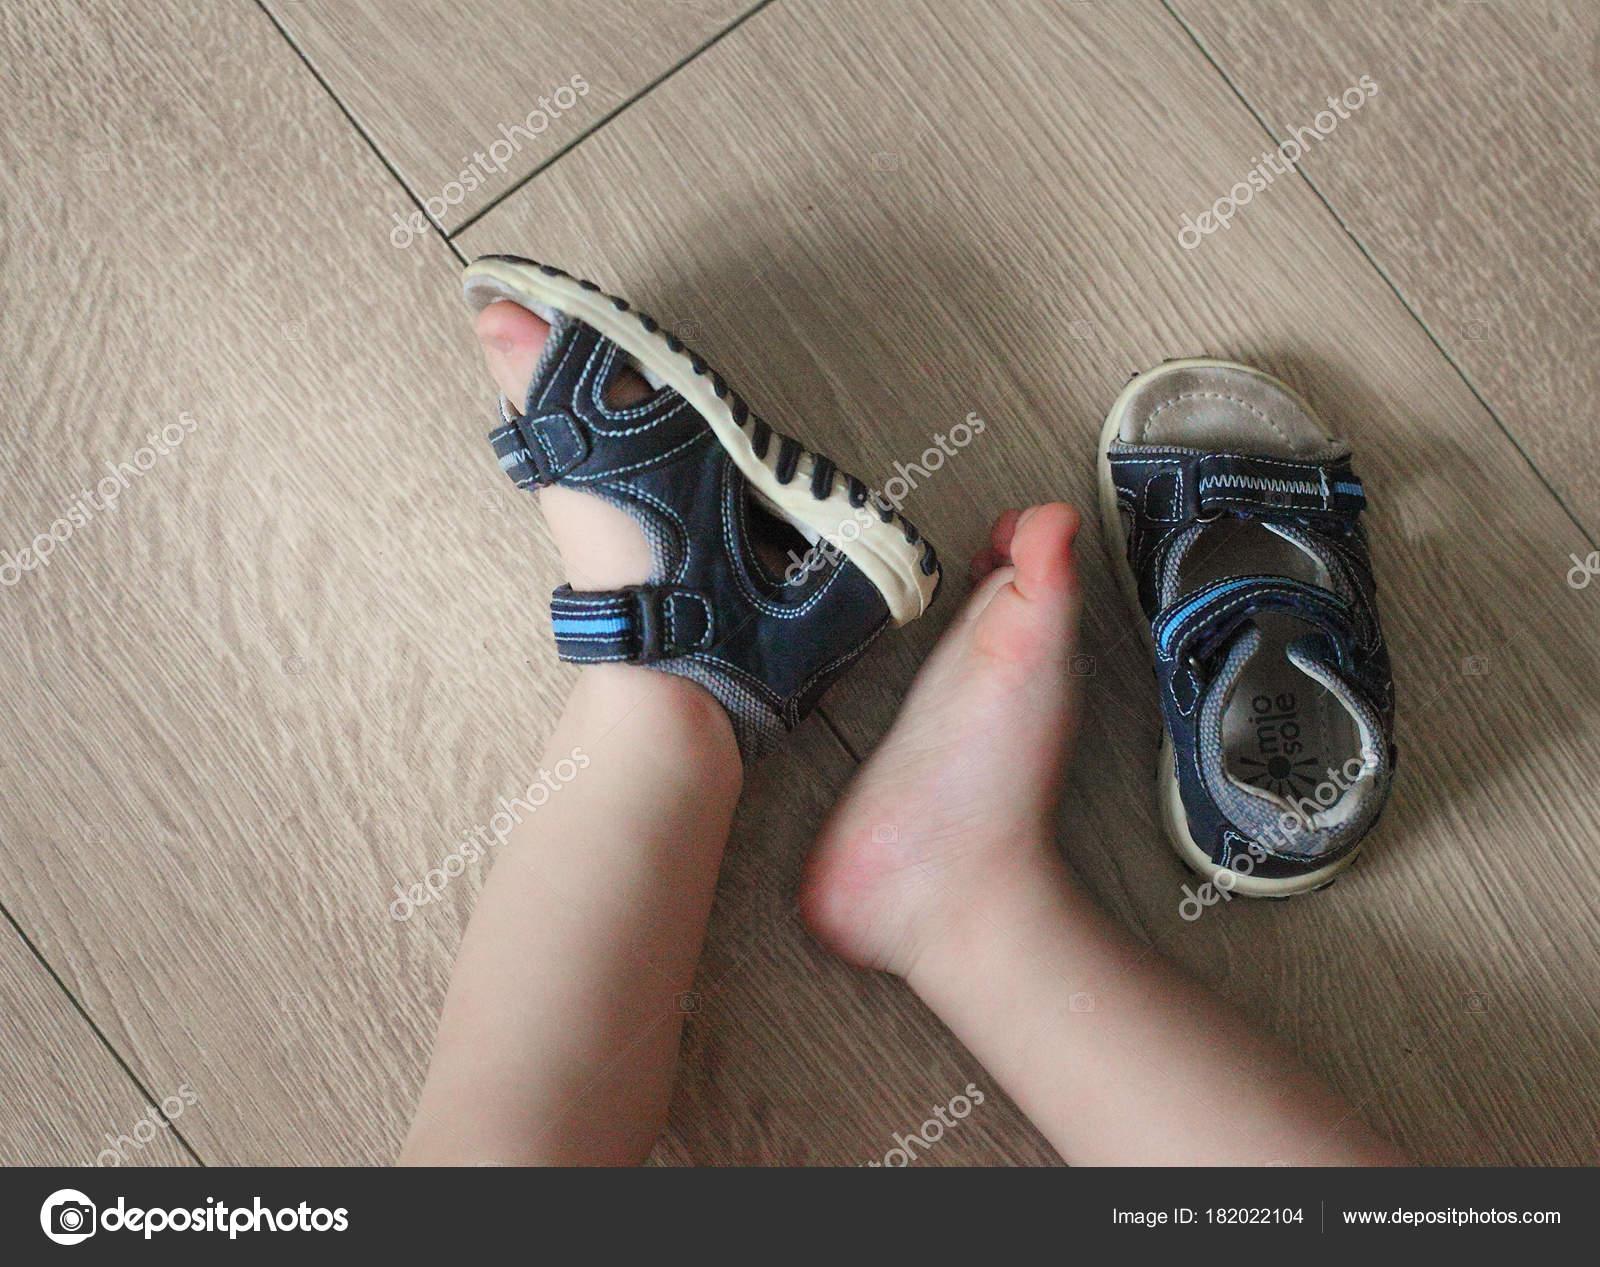 e2e25f05a1b Zachte Benen Van Baby Kinder Sandalen Hun Voeten Peuter Schoenen — Stockfoto